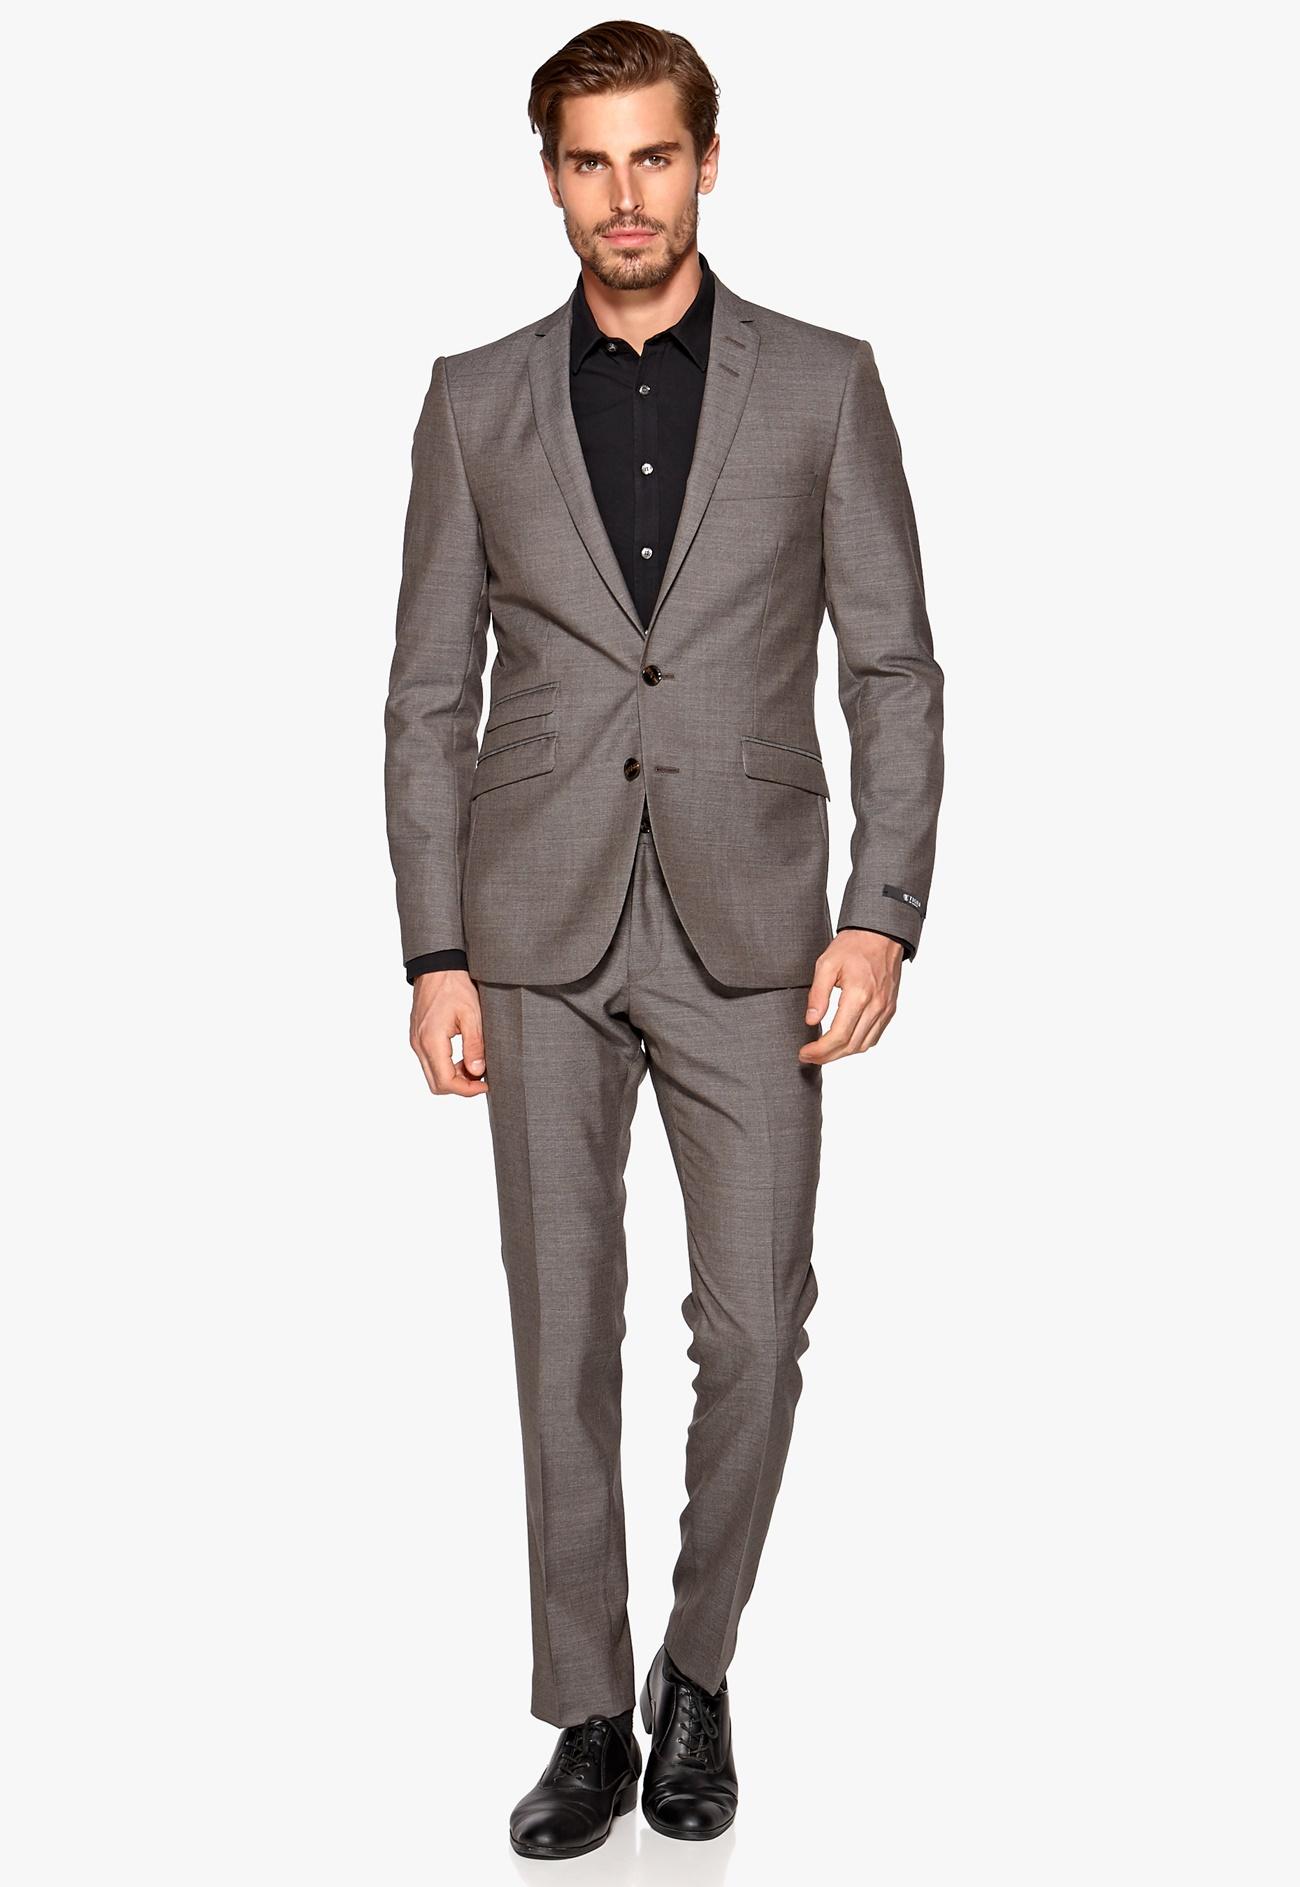 tiger of sweden nedvin suit jakkes t habitter jakkes t. Black Bedroom Furniture Sets. Home Design Ideas